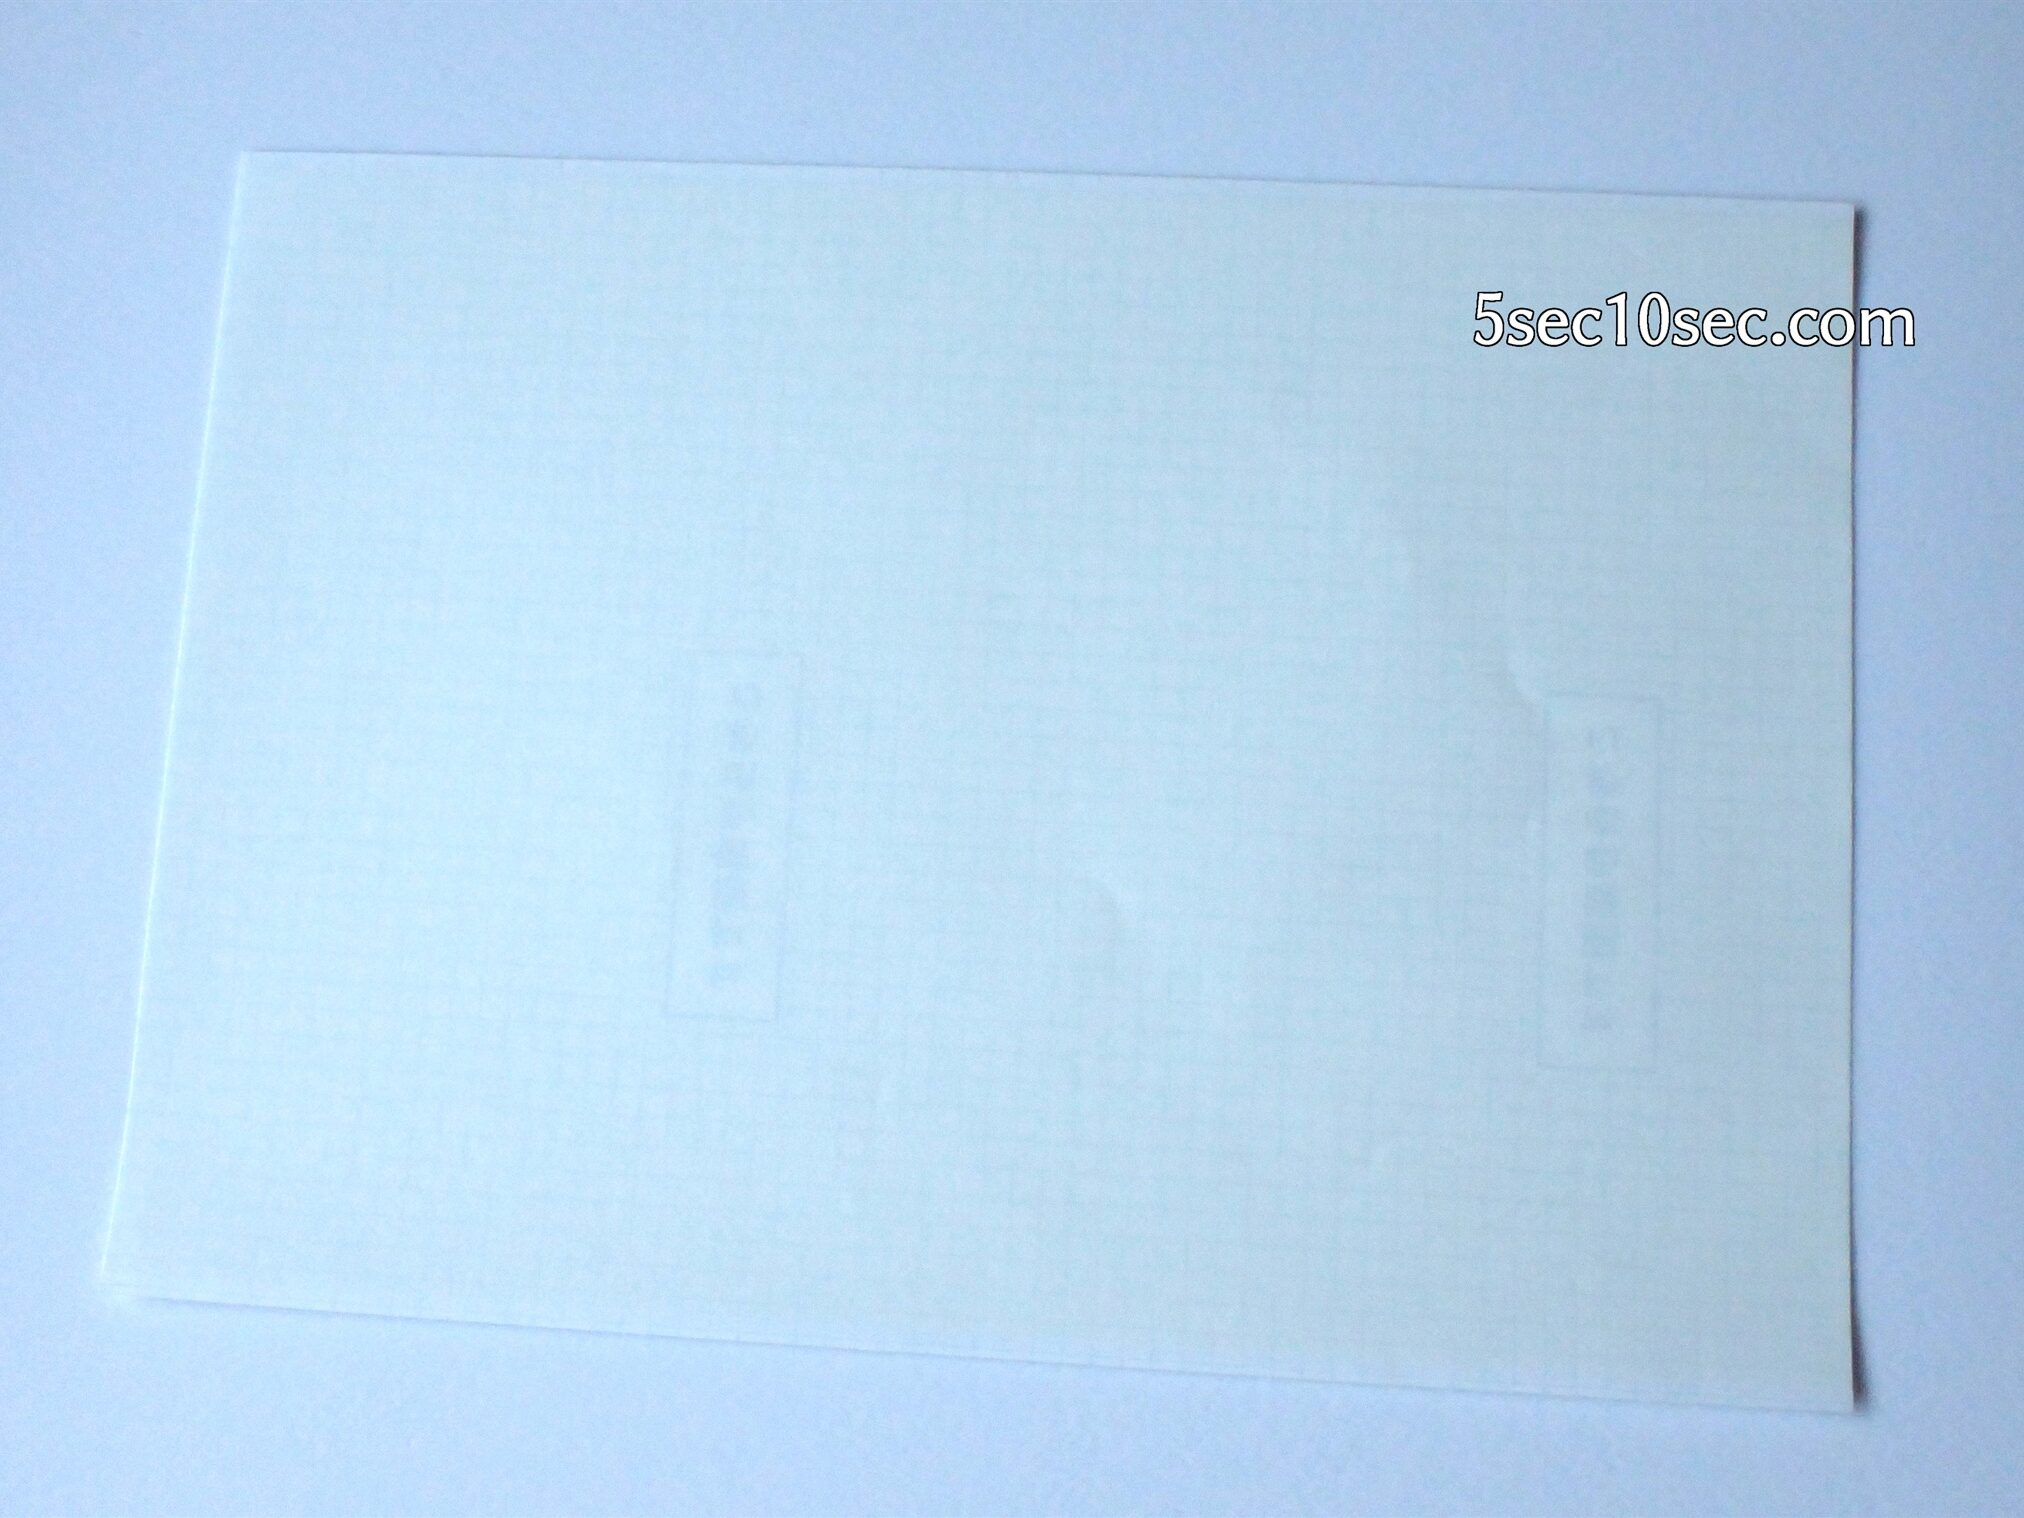 エレコム ELECOM マスキングテープラベル用紙 A4サイズ 3枚入り EDT-MTA4 表面